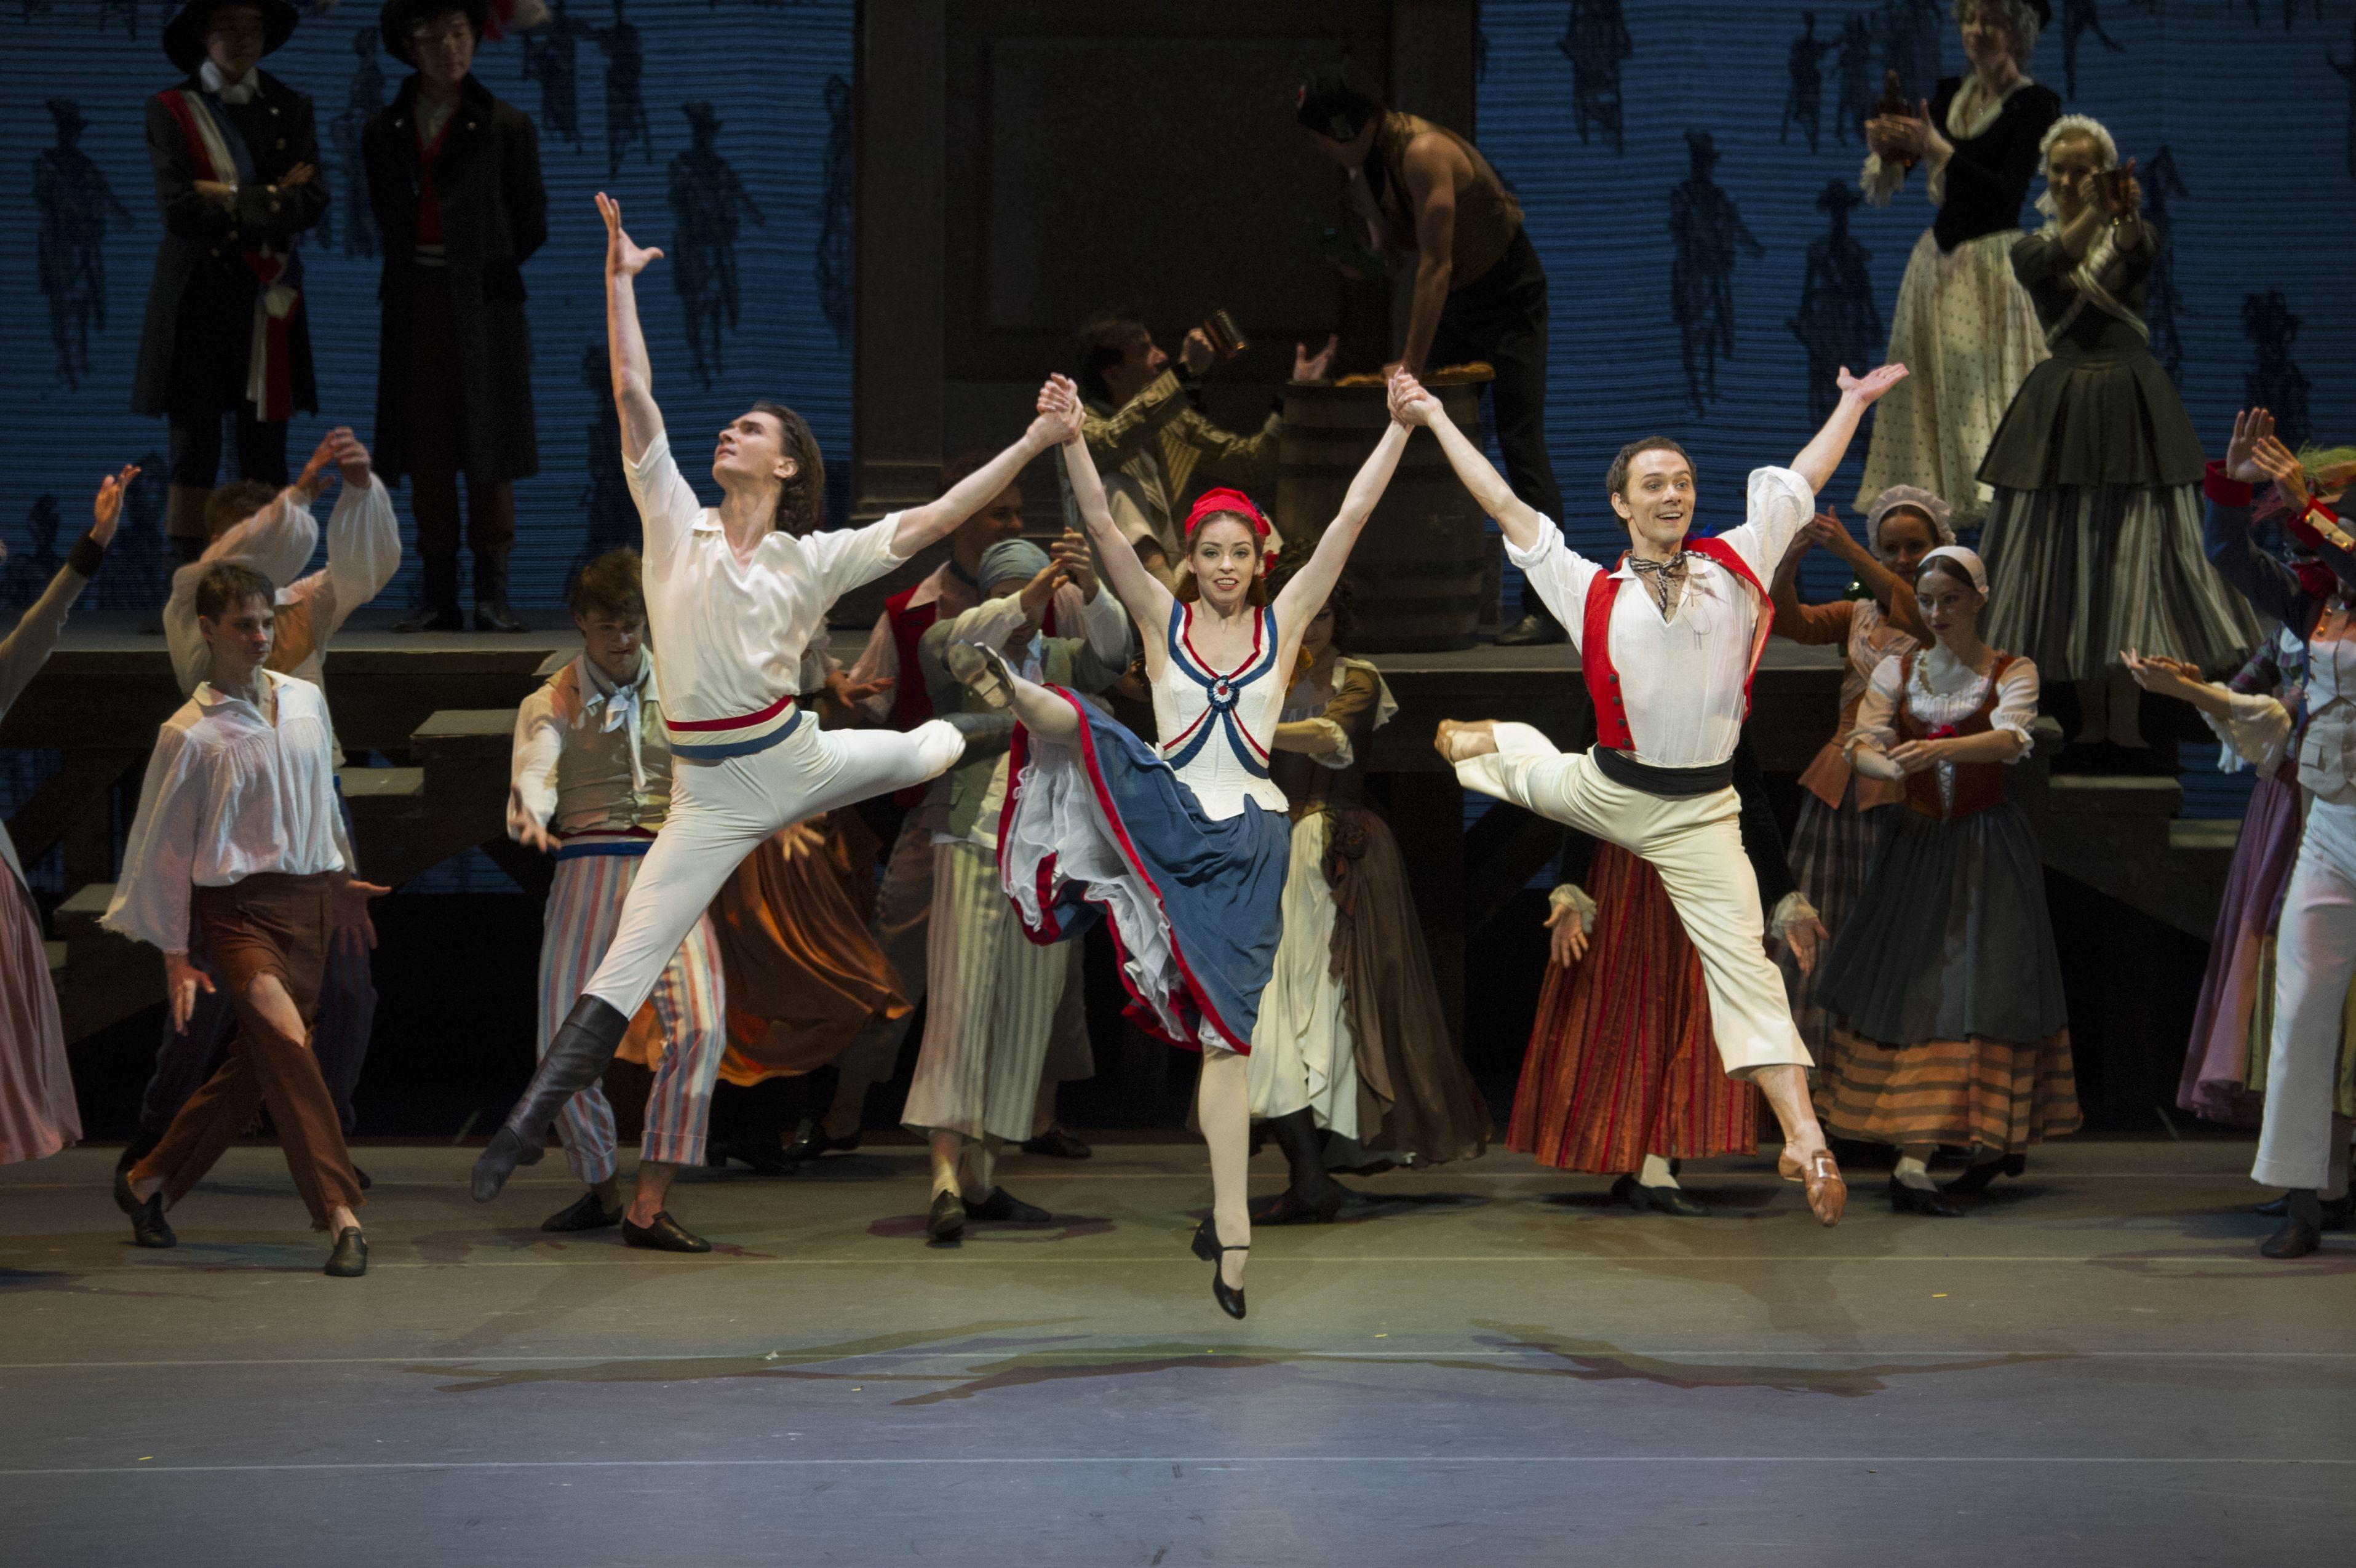 由莫斯科大劇院芭蕾舞團演出、羅曼斯基編舞的《巴黎火焰》 2015 年香港藝術節上演時的舞姿,至今還令人感到意猶未盡。  Photo © Leisure and Cultural Services Department